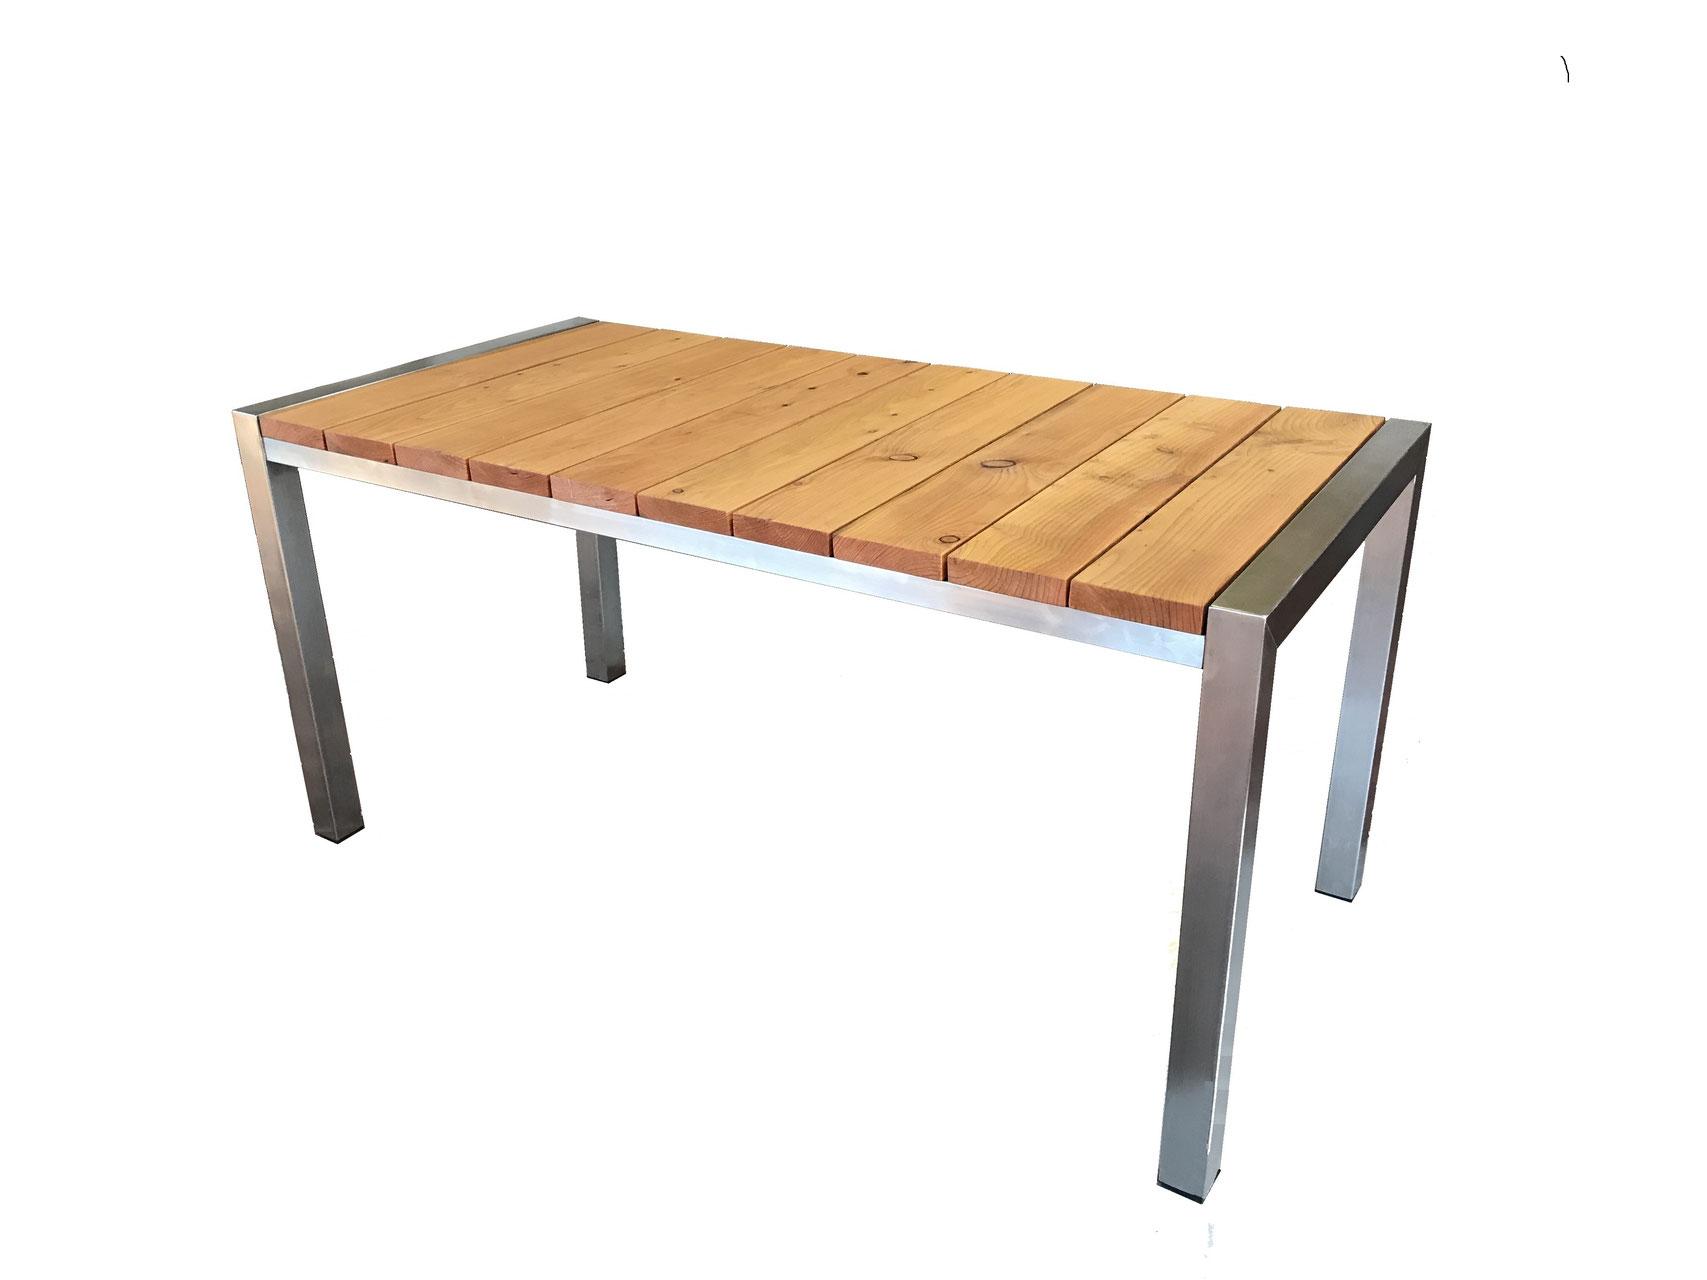 Gartenmobel Tische Und Banke Timm Feinwerktechniks Webseite